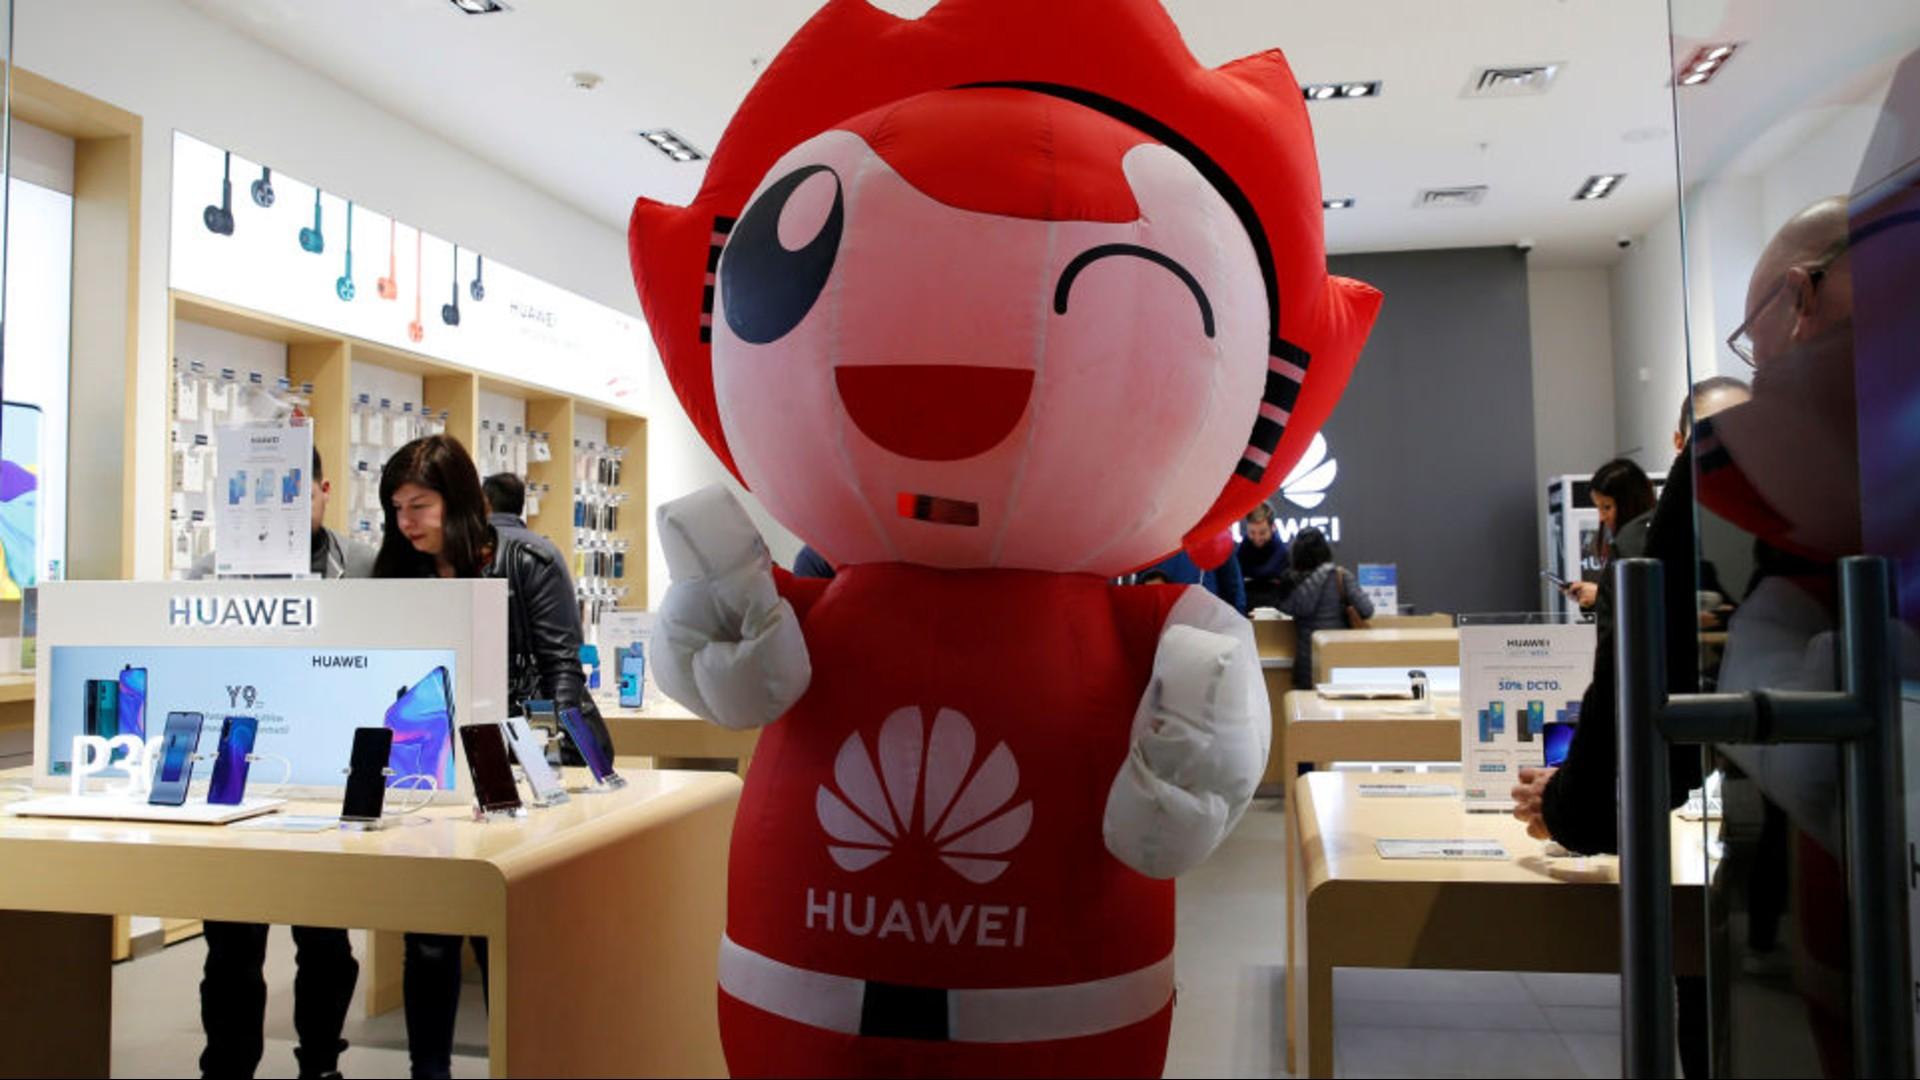 El futuro según Huawei: avances en tecnologías de la información y la comunicación